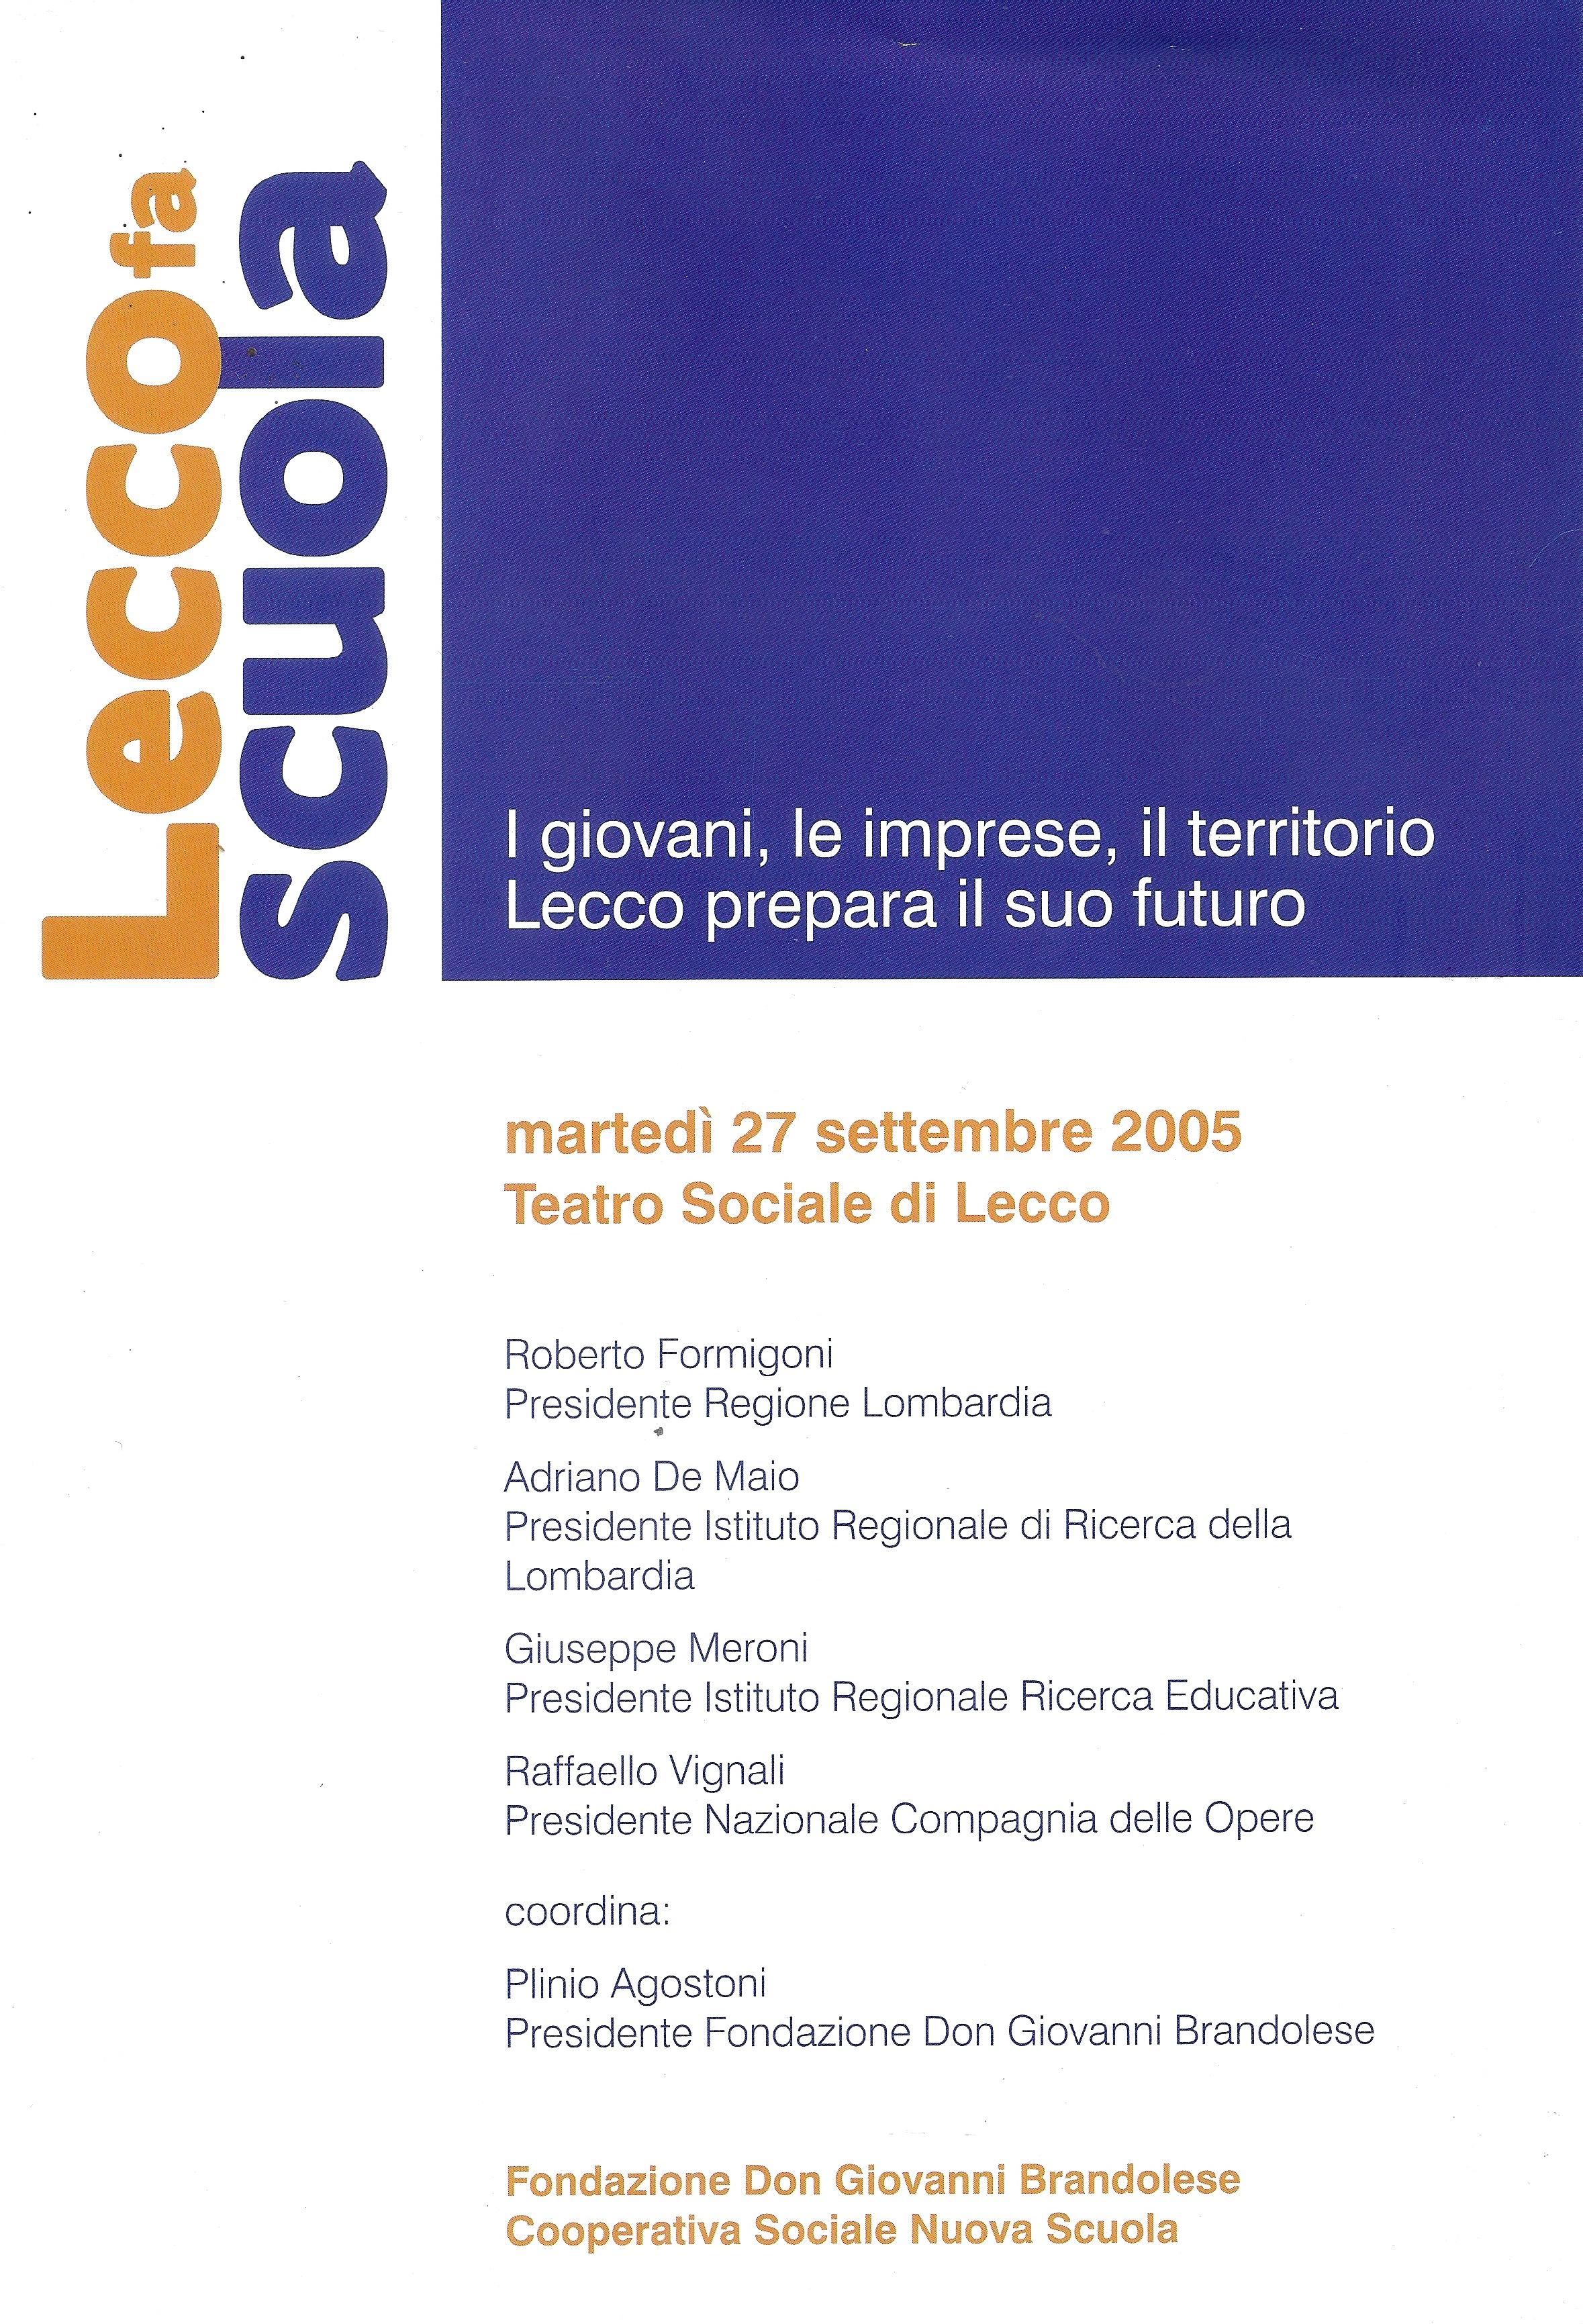 27/09/2005 – Convegno LECCO FA SCUOLA – MANIFESTO sull'educazione